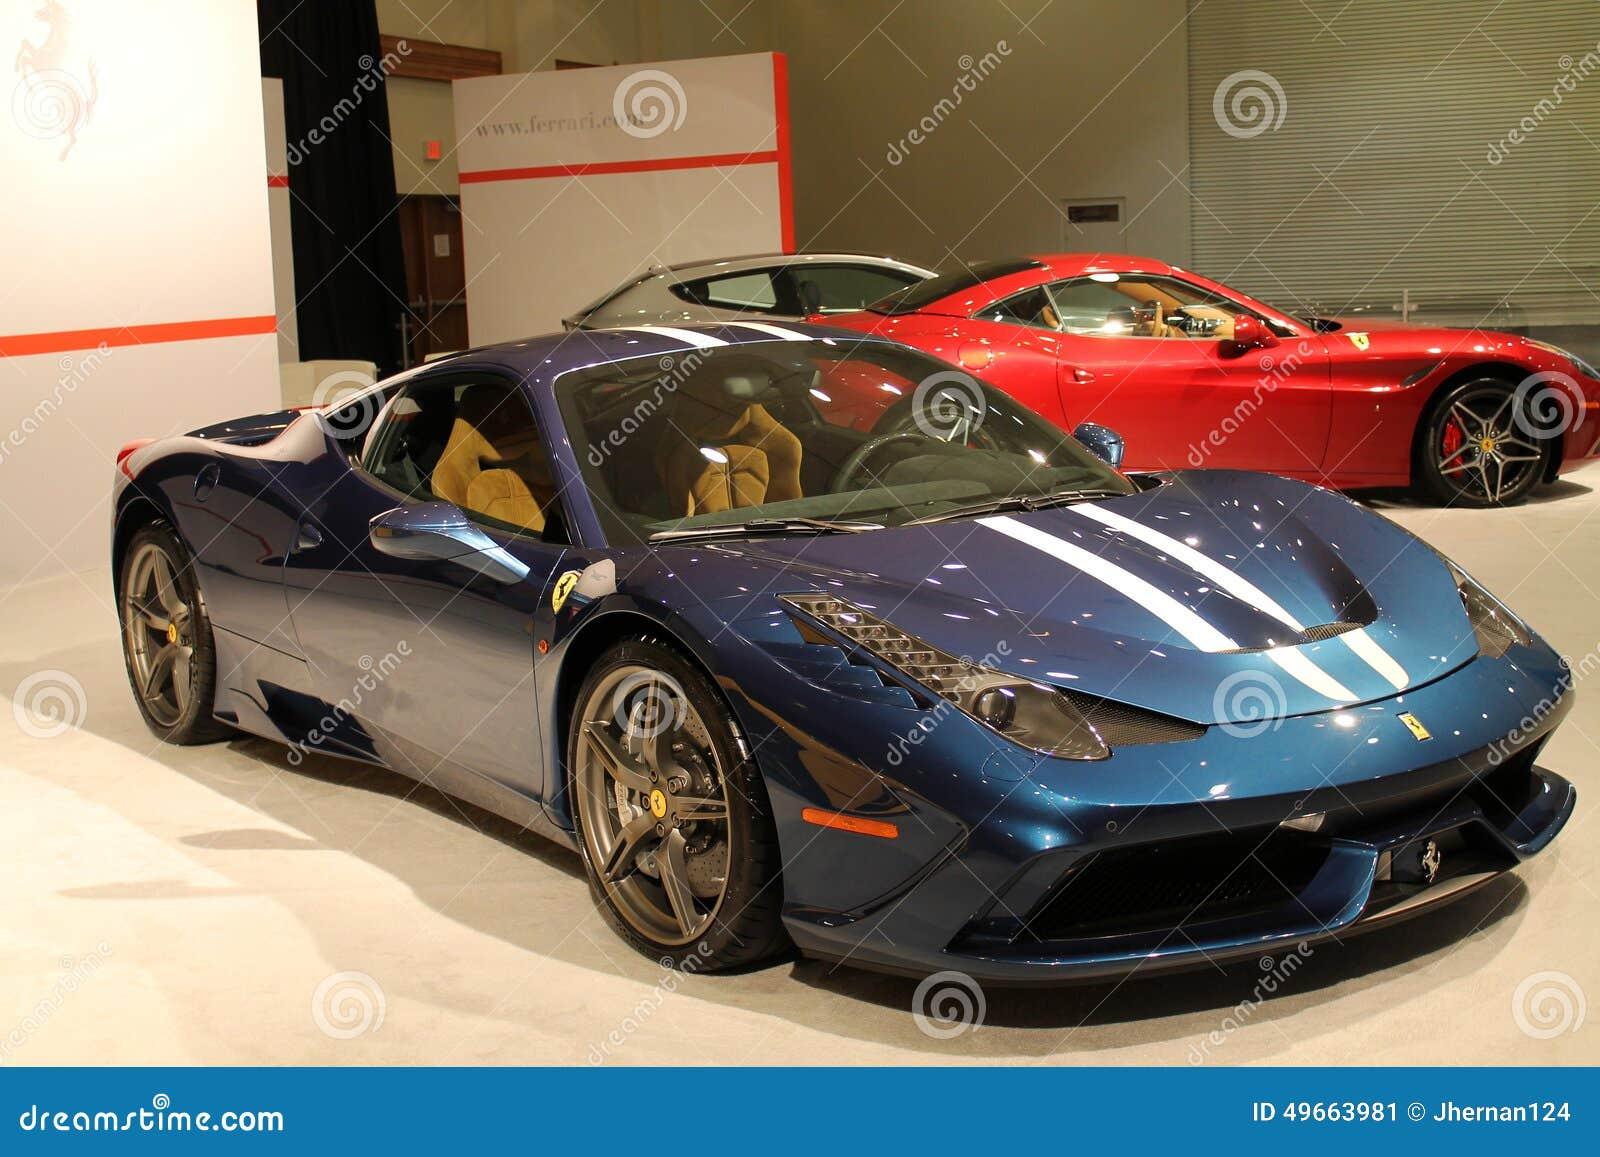 New Italian Sports Cars